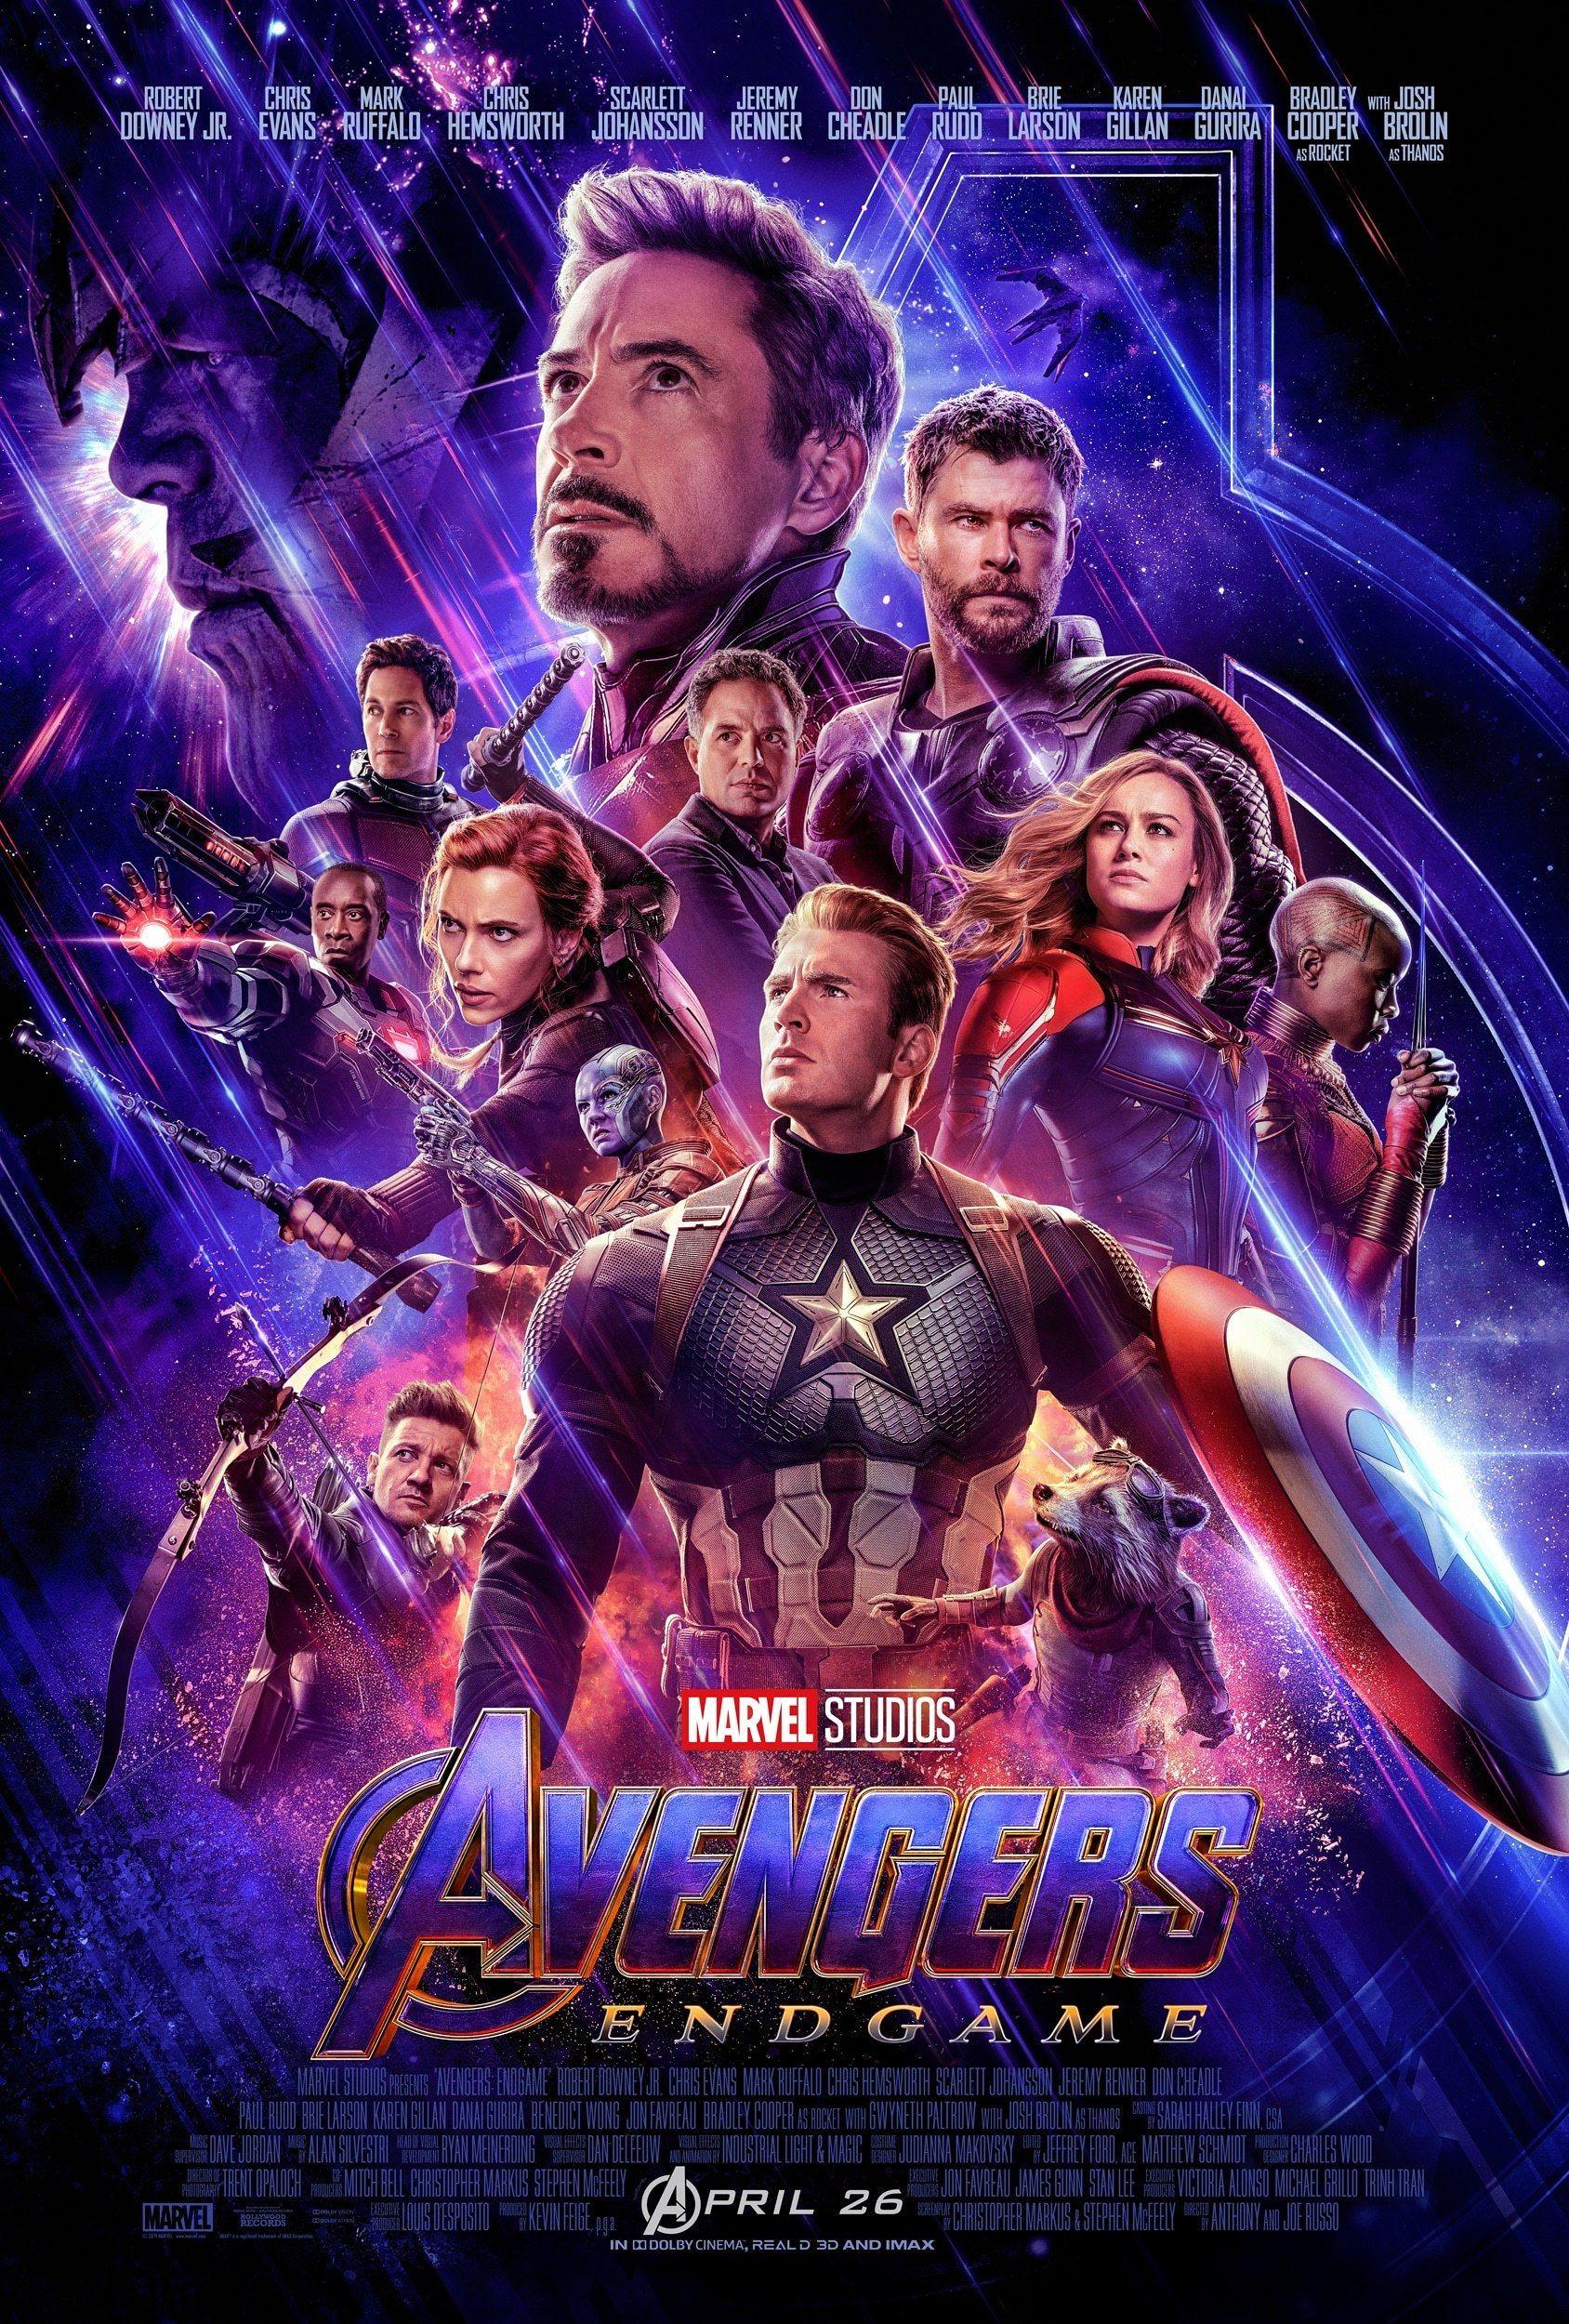 Endgame Galactic Team T-Shirt Marvel Juniors Avengers